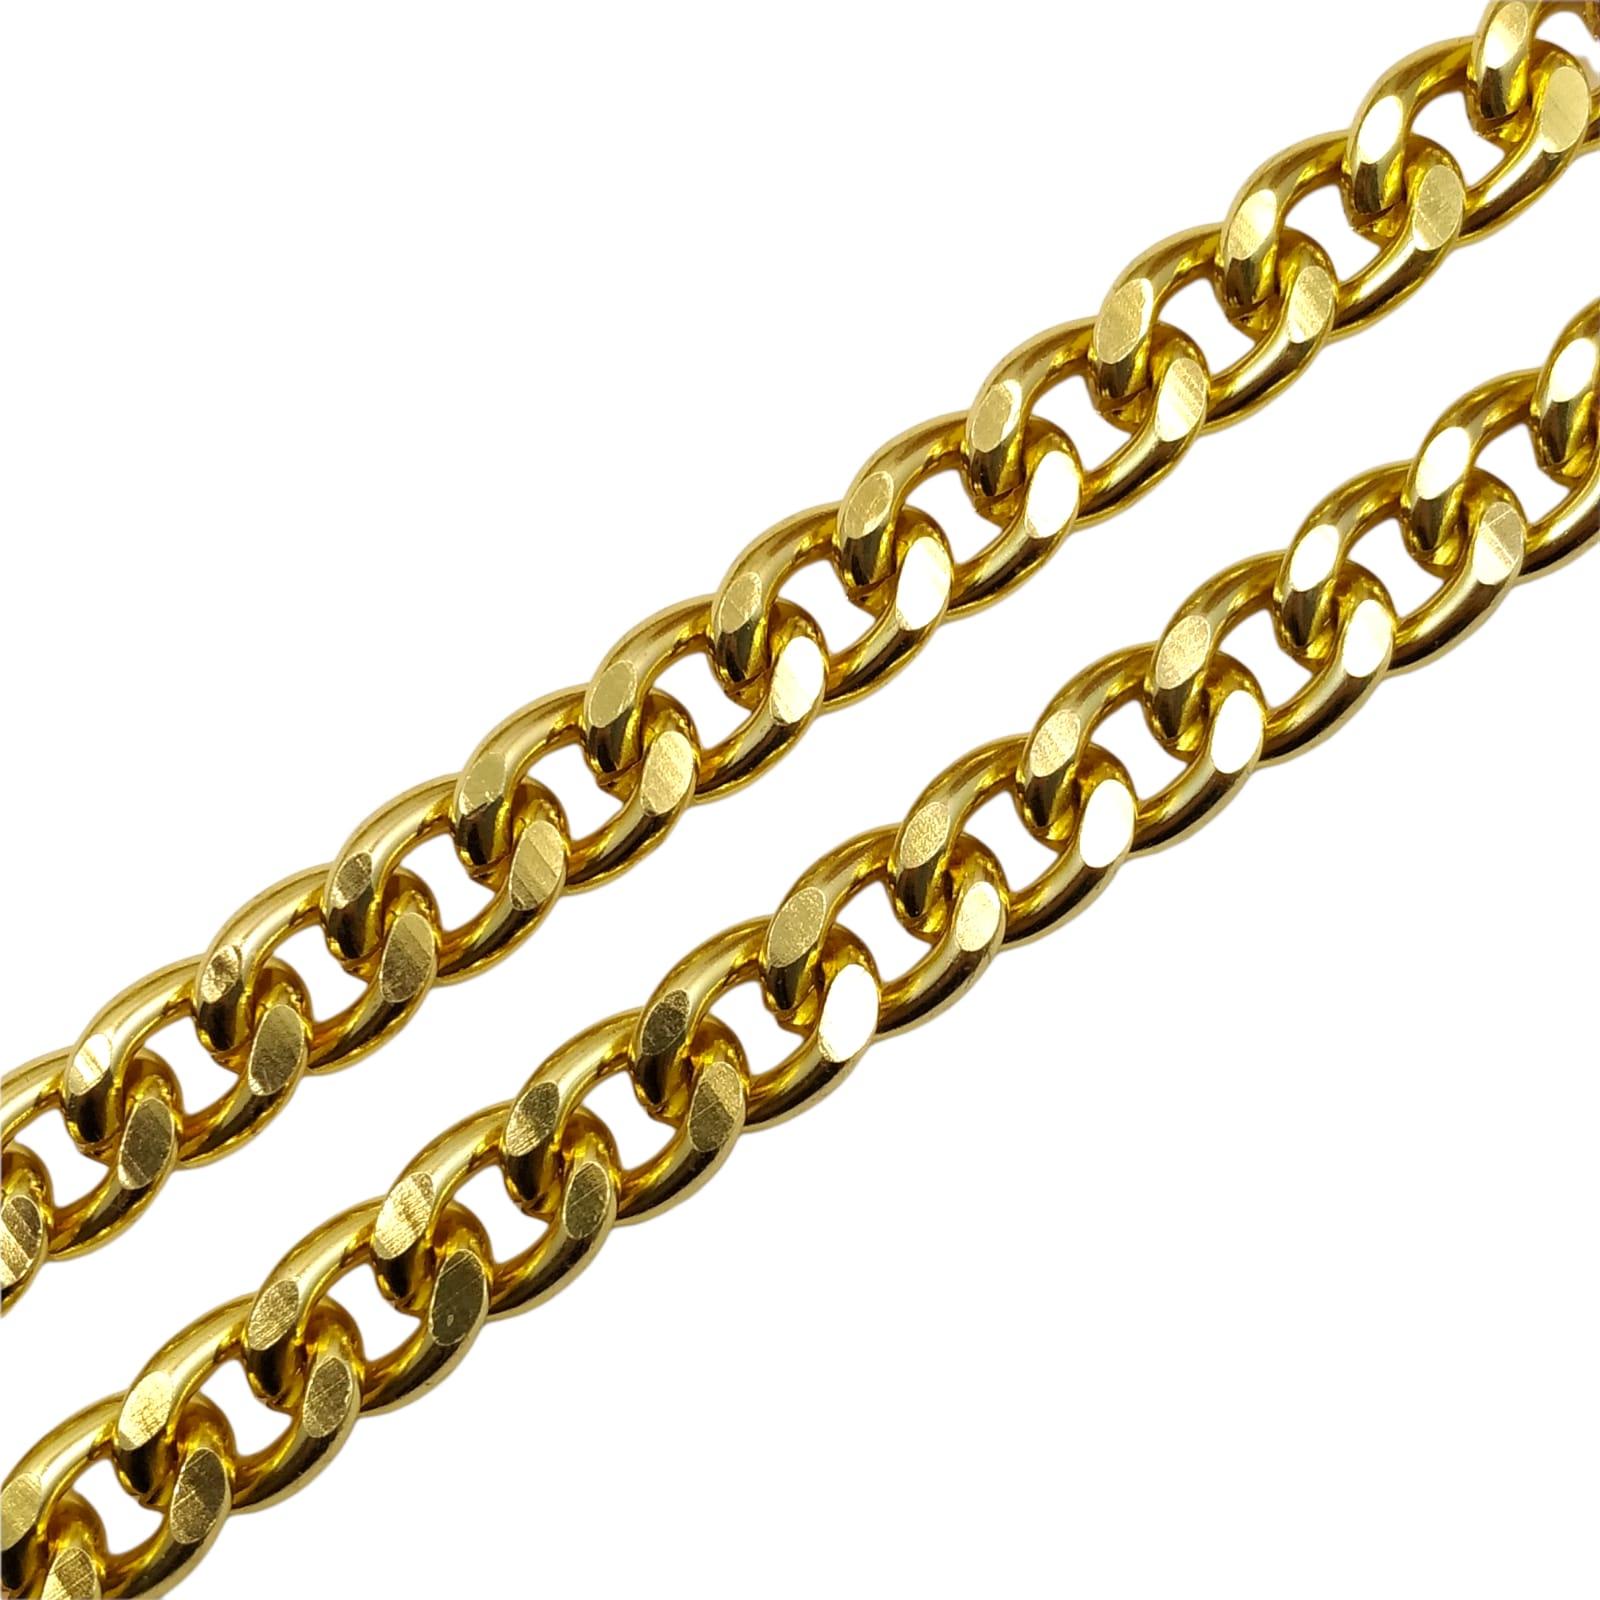 CR425 - Corrente de Alumínio 12mm Grume Fechada Lixada Dourado - 1metro